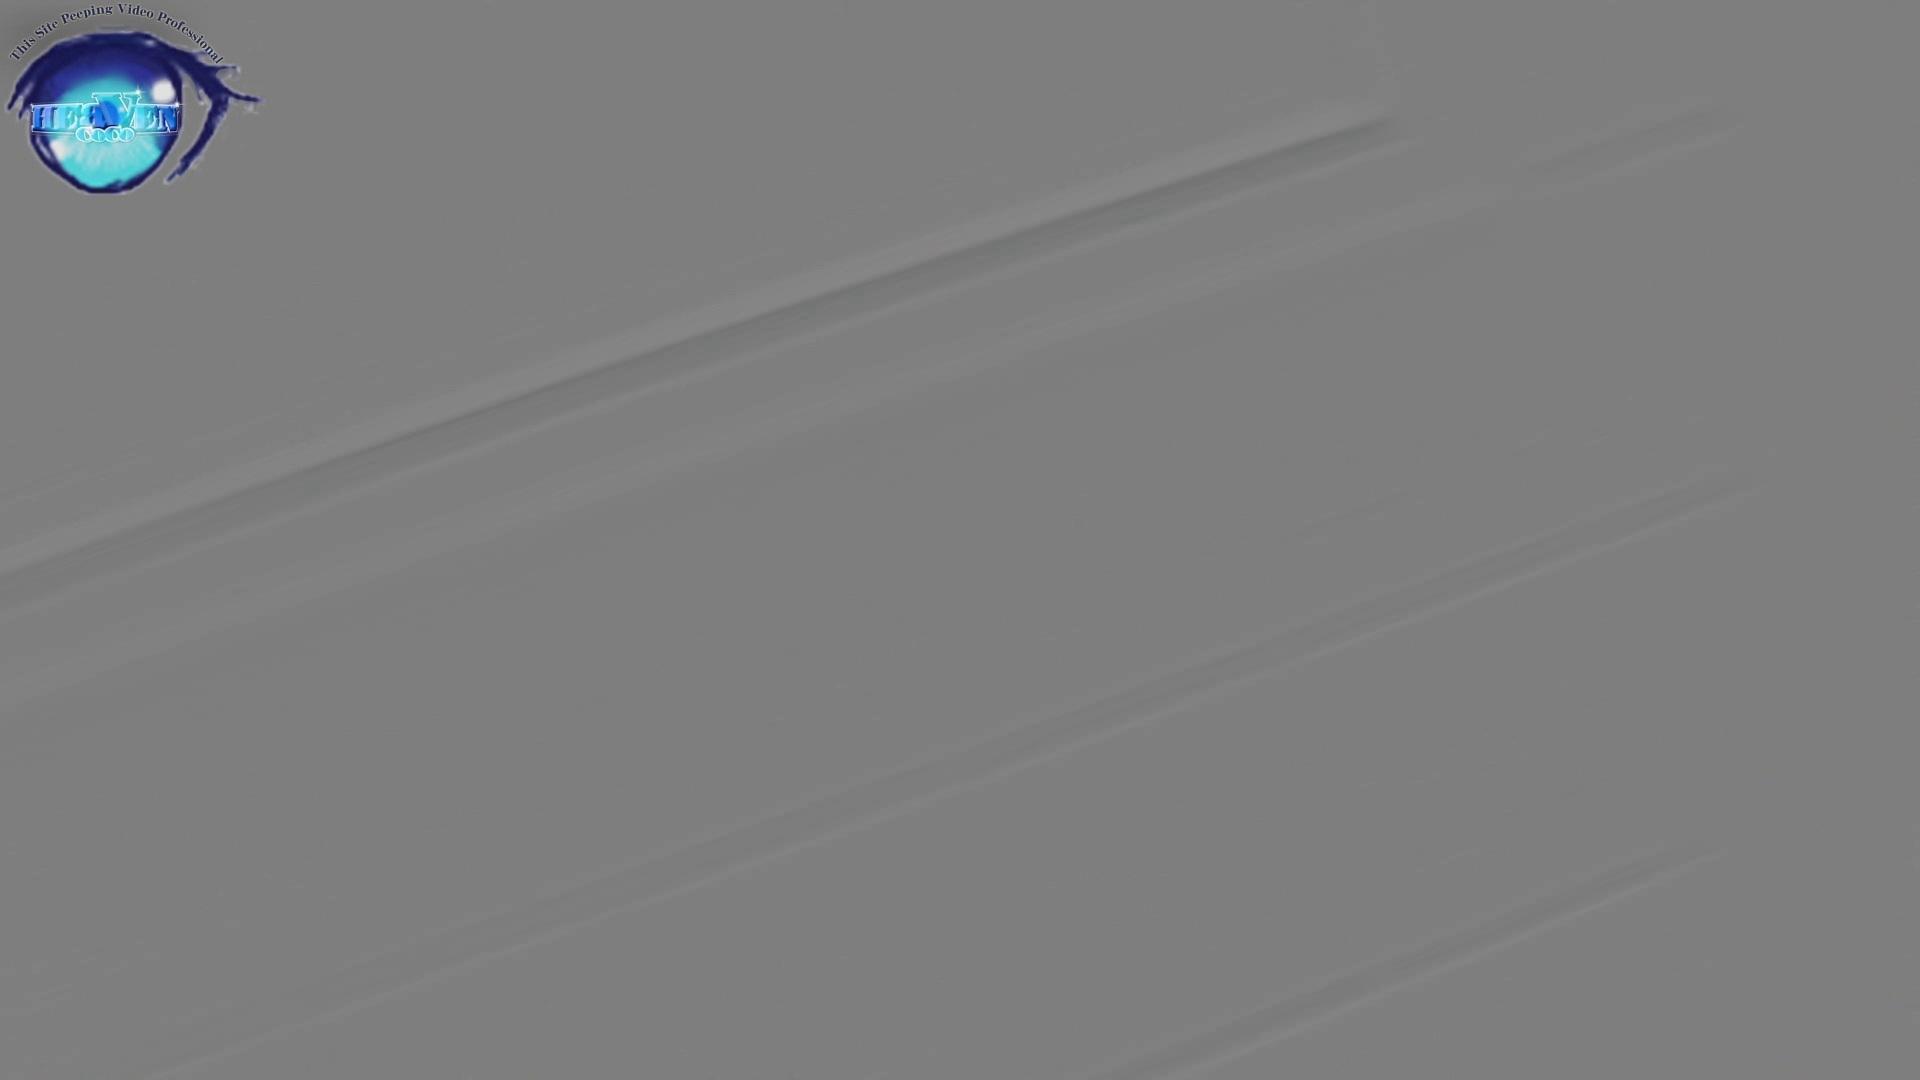 お銀さん vol.59 ピンチ!!「鏡の前で祈る女性」にばれる危機 前編 OLセックス  86画像 42